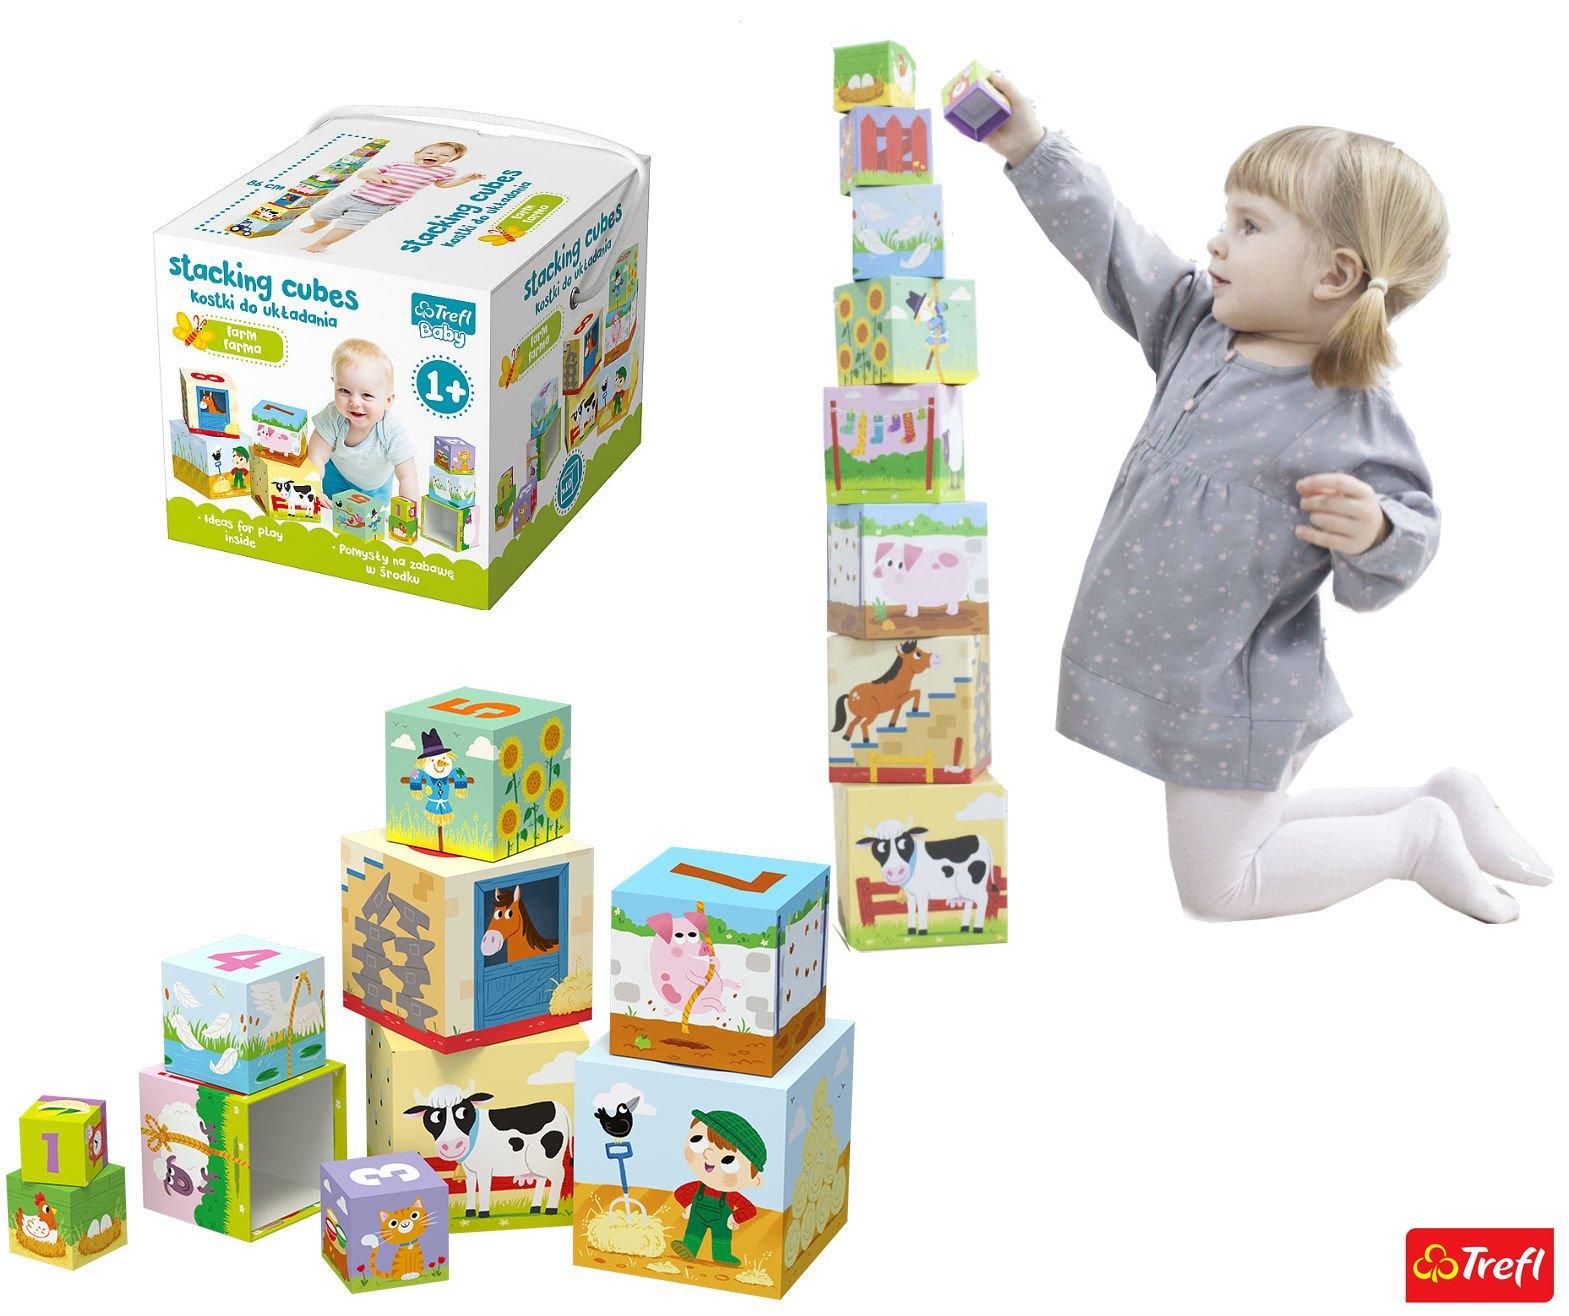 https://www.kindertoys.nl/image/catalog/BEMAG/TREFL-BLOCKS.jpg